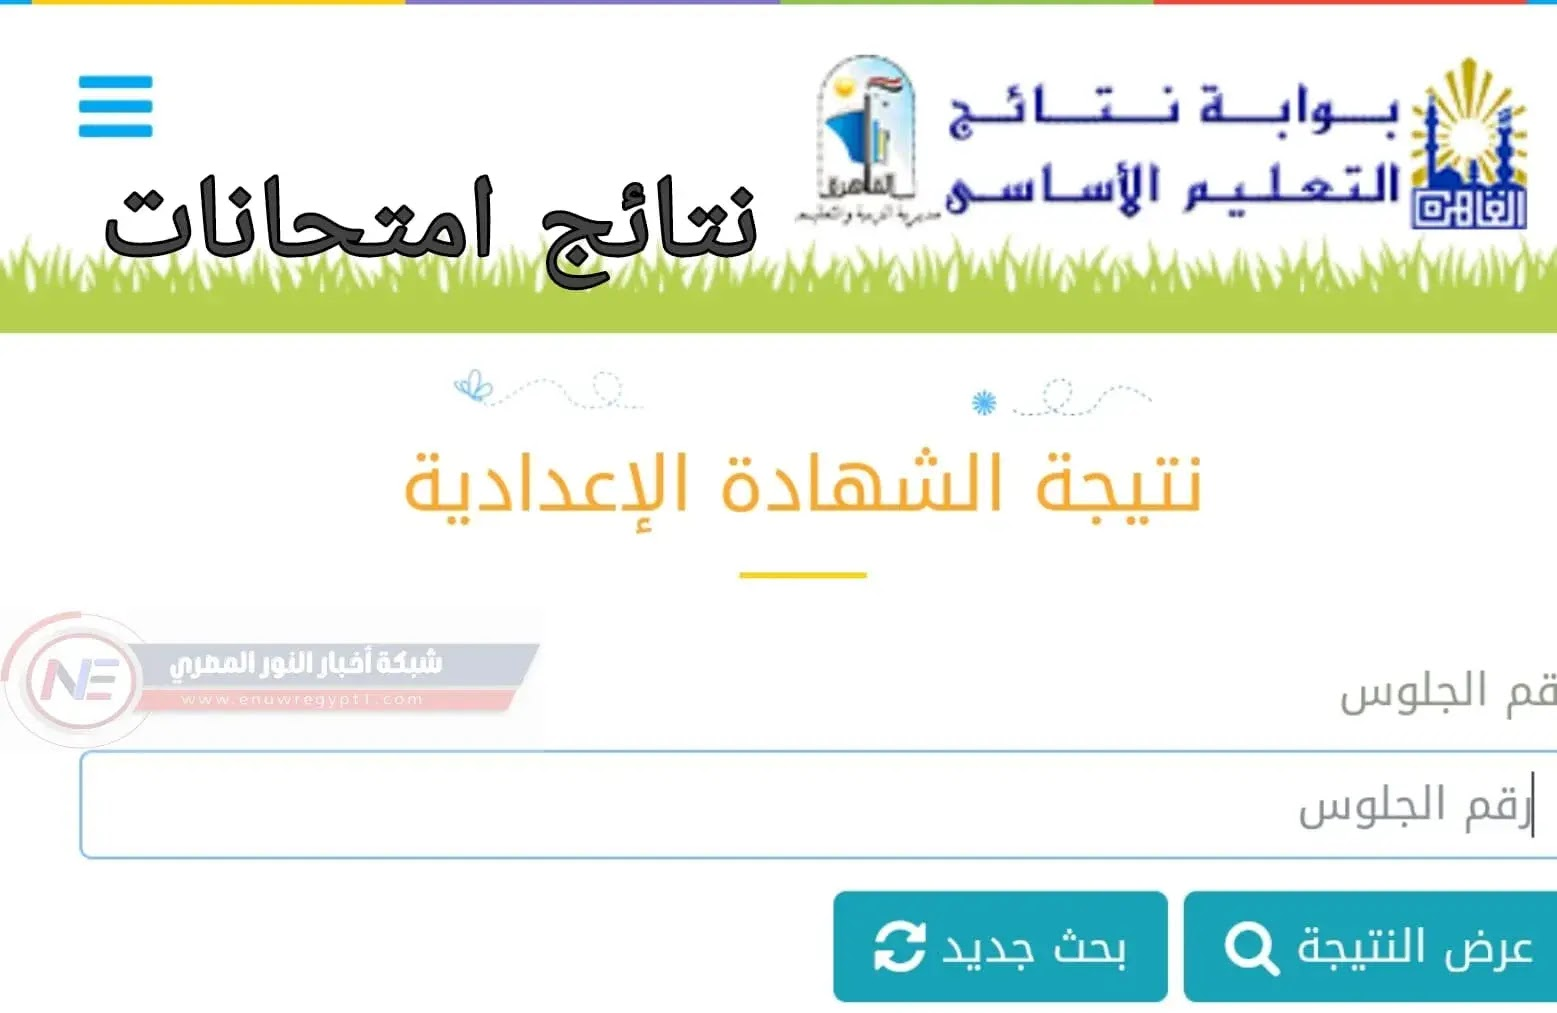 نتيجة الصف الاول الإعدادي الترم الاول 2021 بالاسم ورقم الجلوس  رابط نتائج الصف الاول الإعدادي جميع محافظات مصر 2021